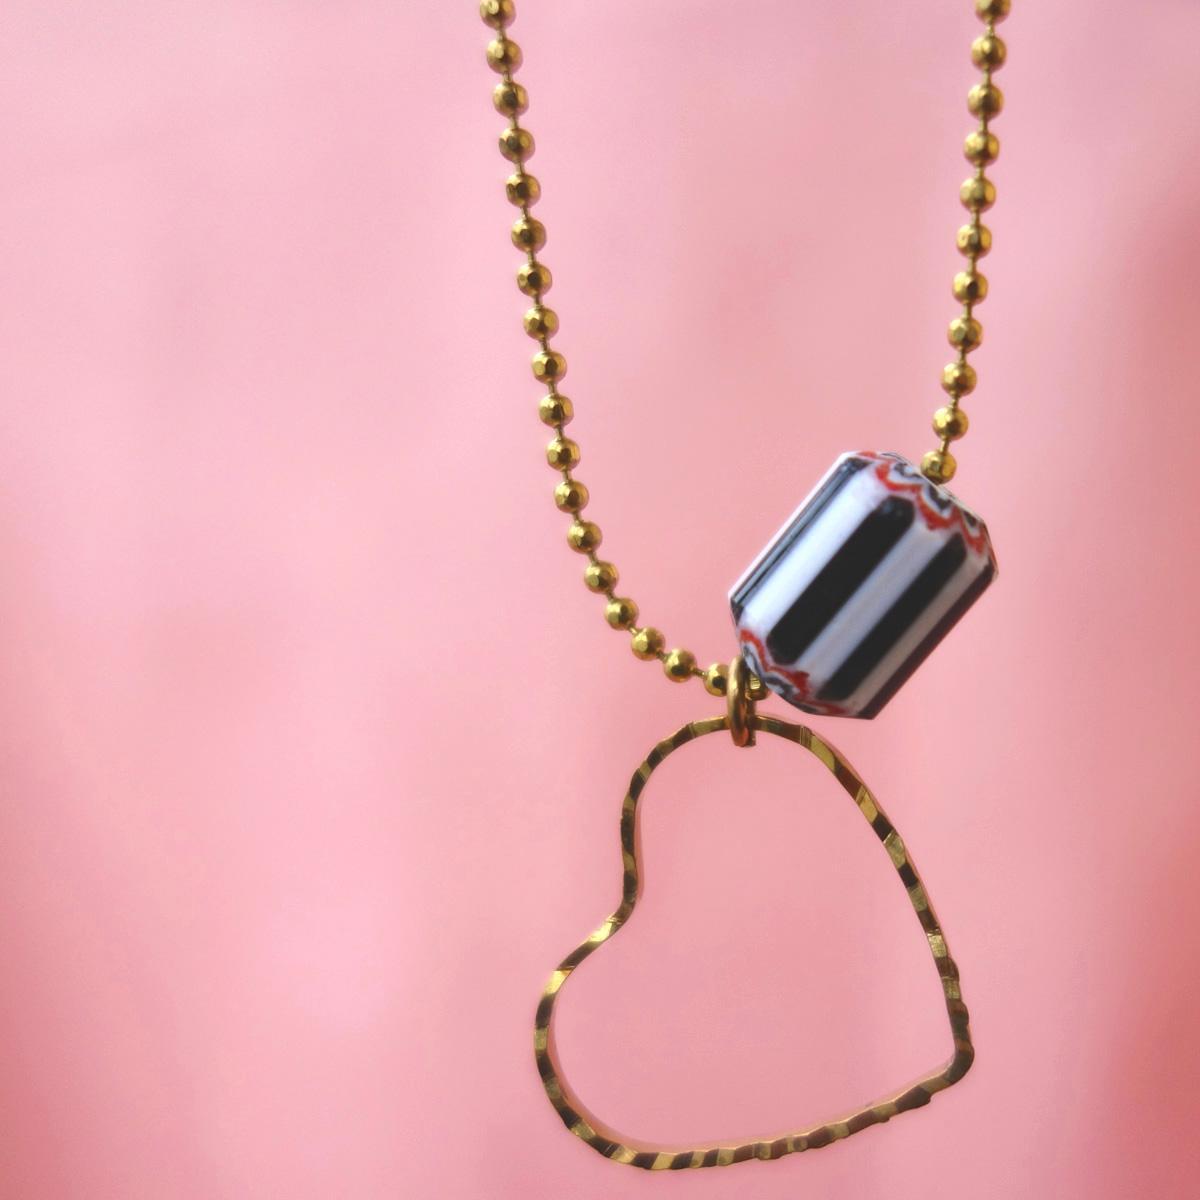 Collier love laiton vintage perle de Murano et coeur ouvragé amour